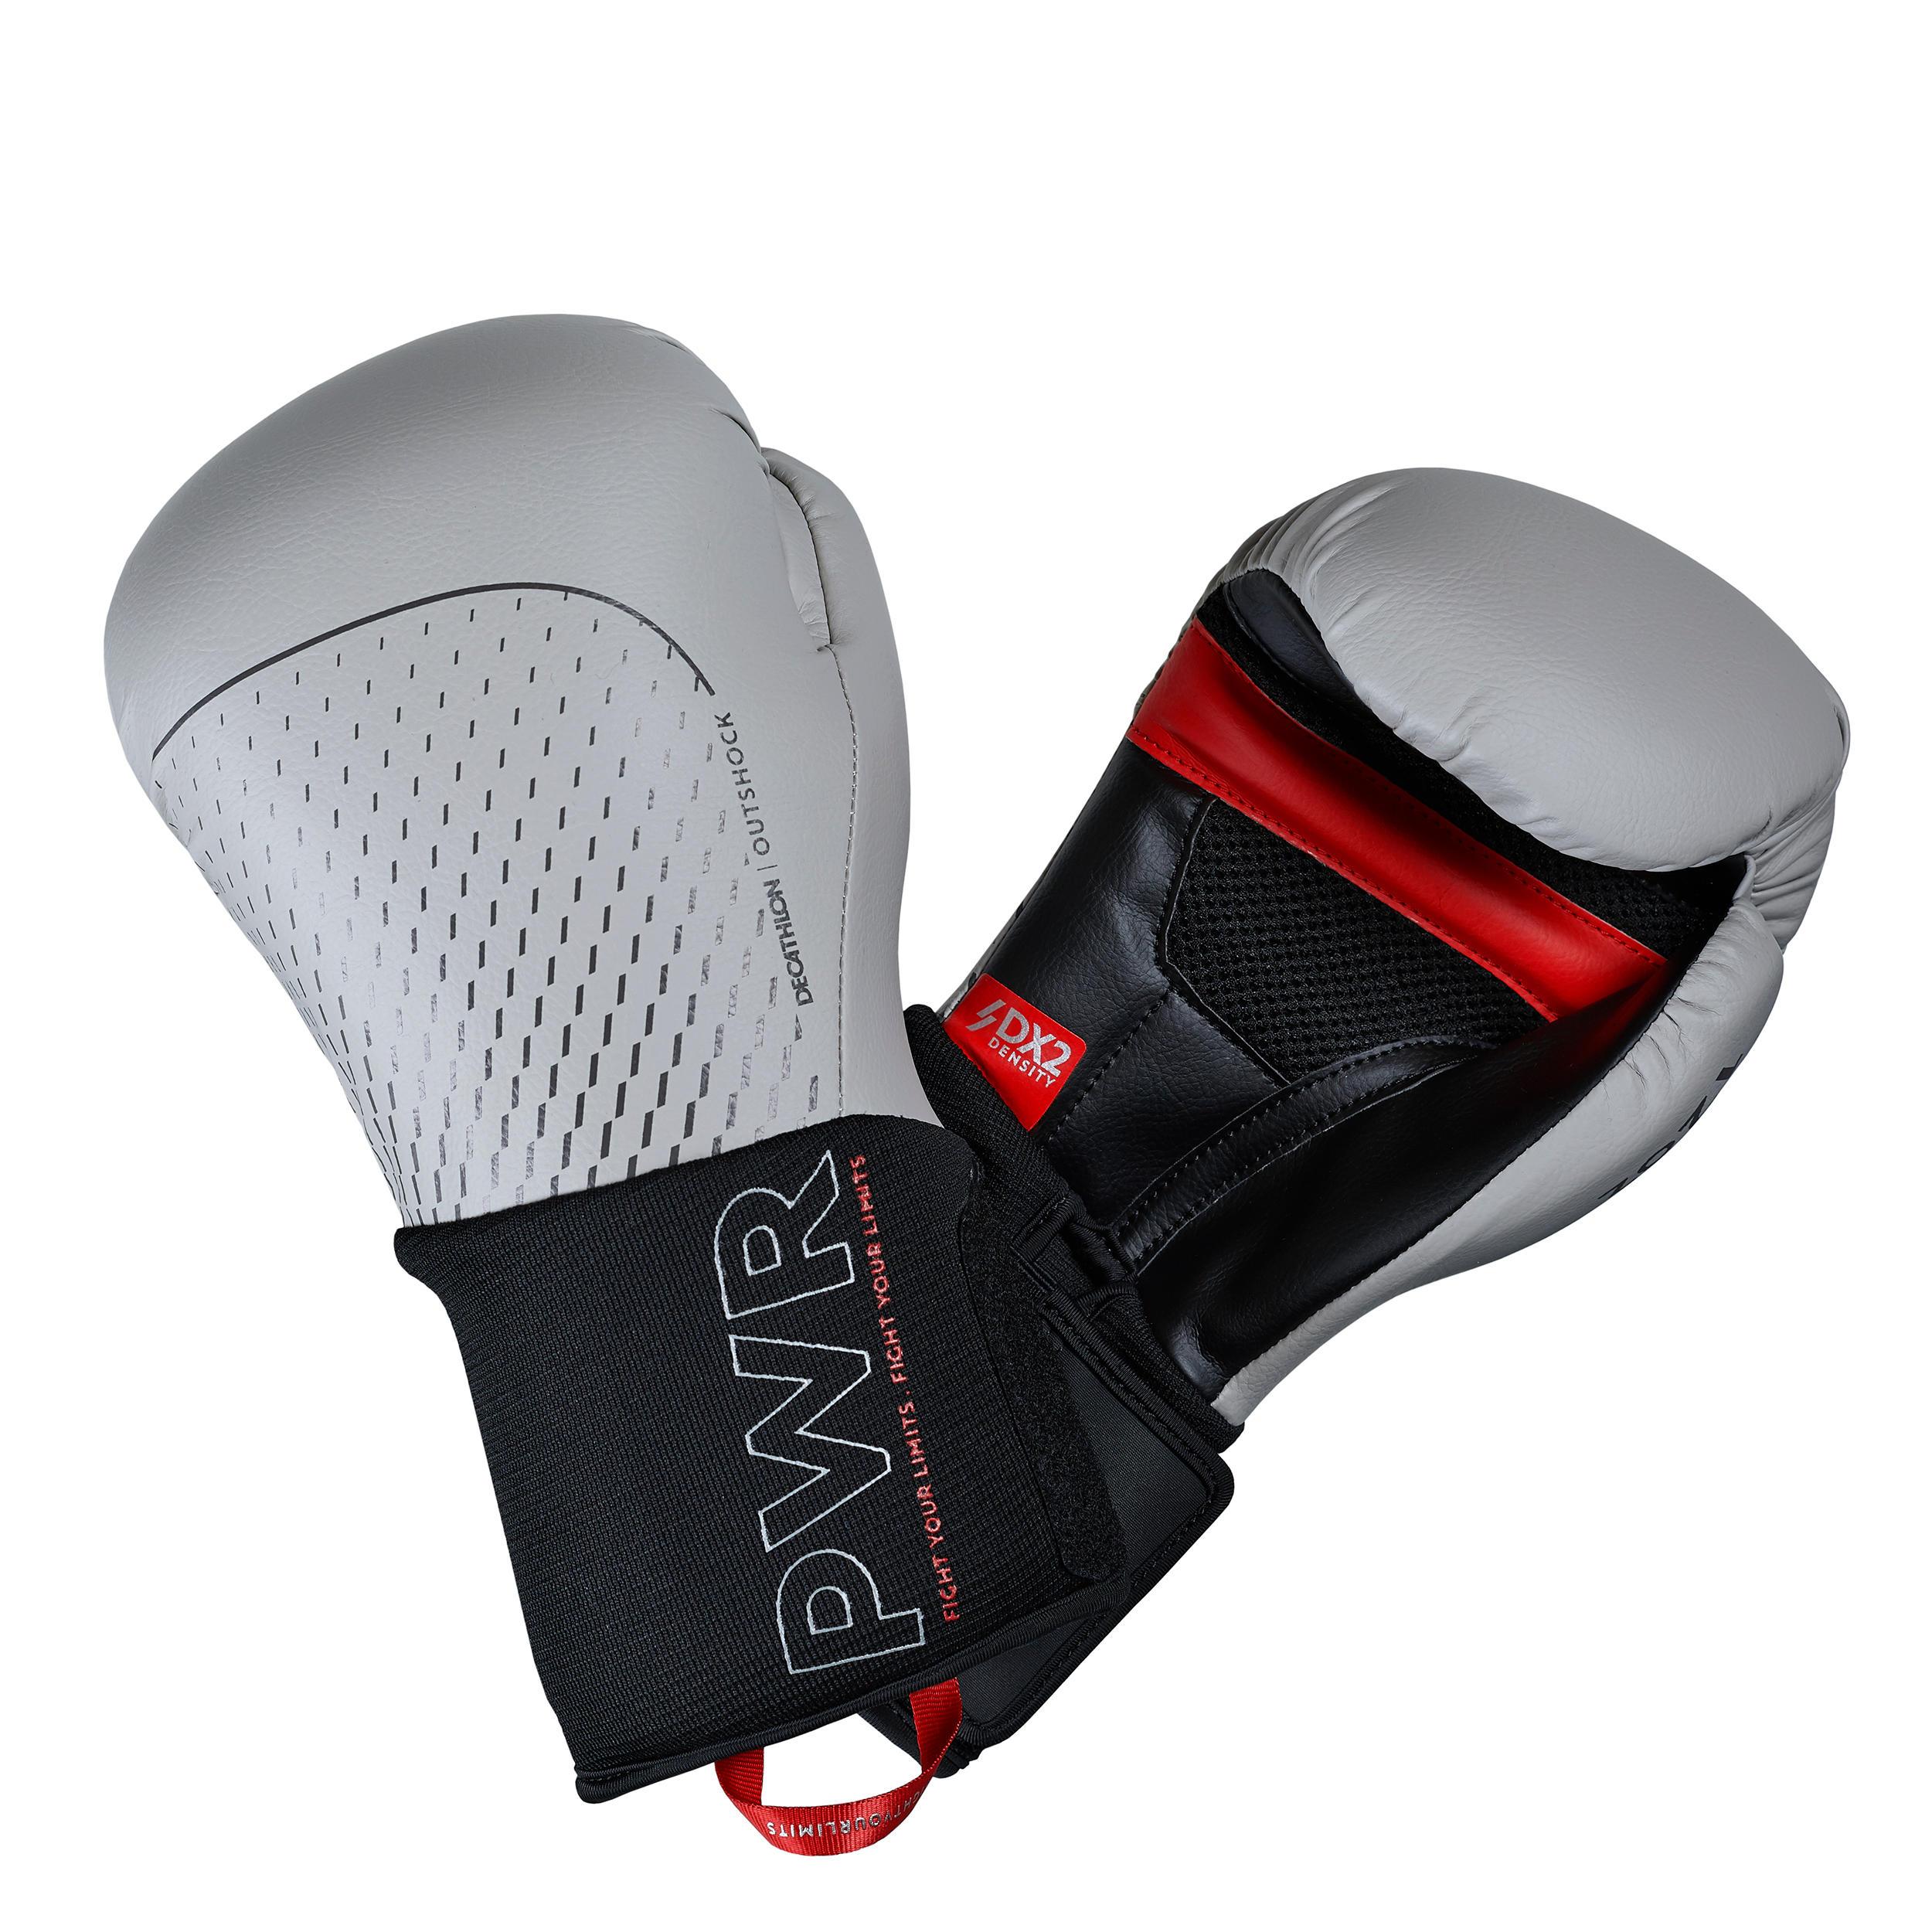 fb882e3e94c9b Comprar Guantes de Boxeo online